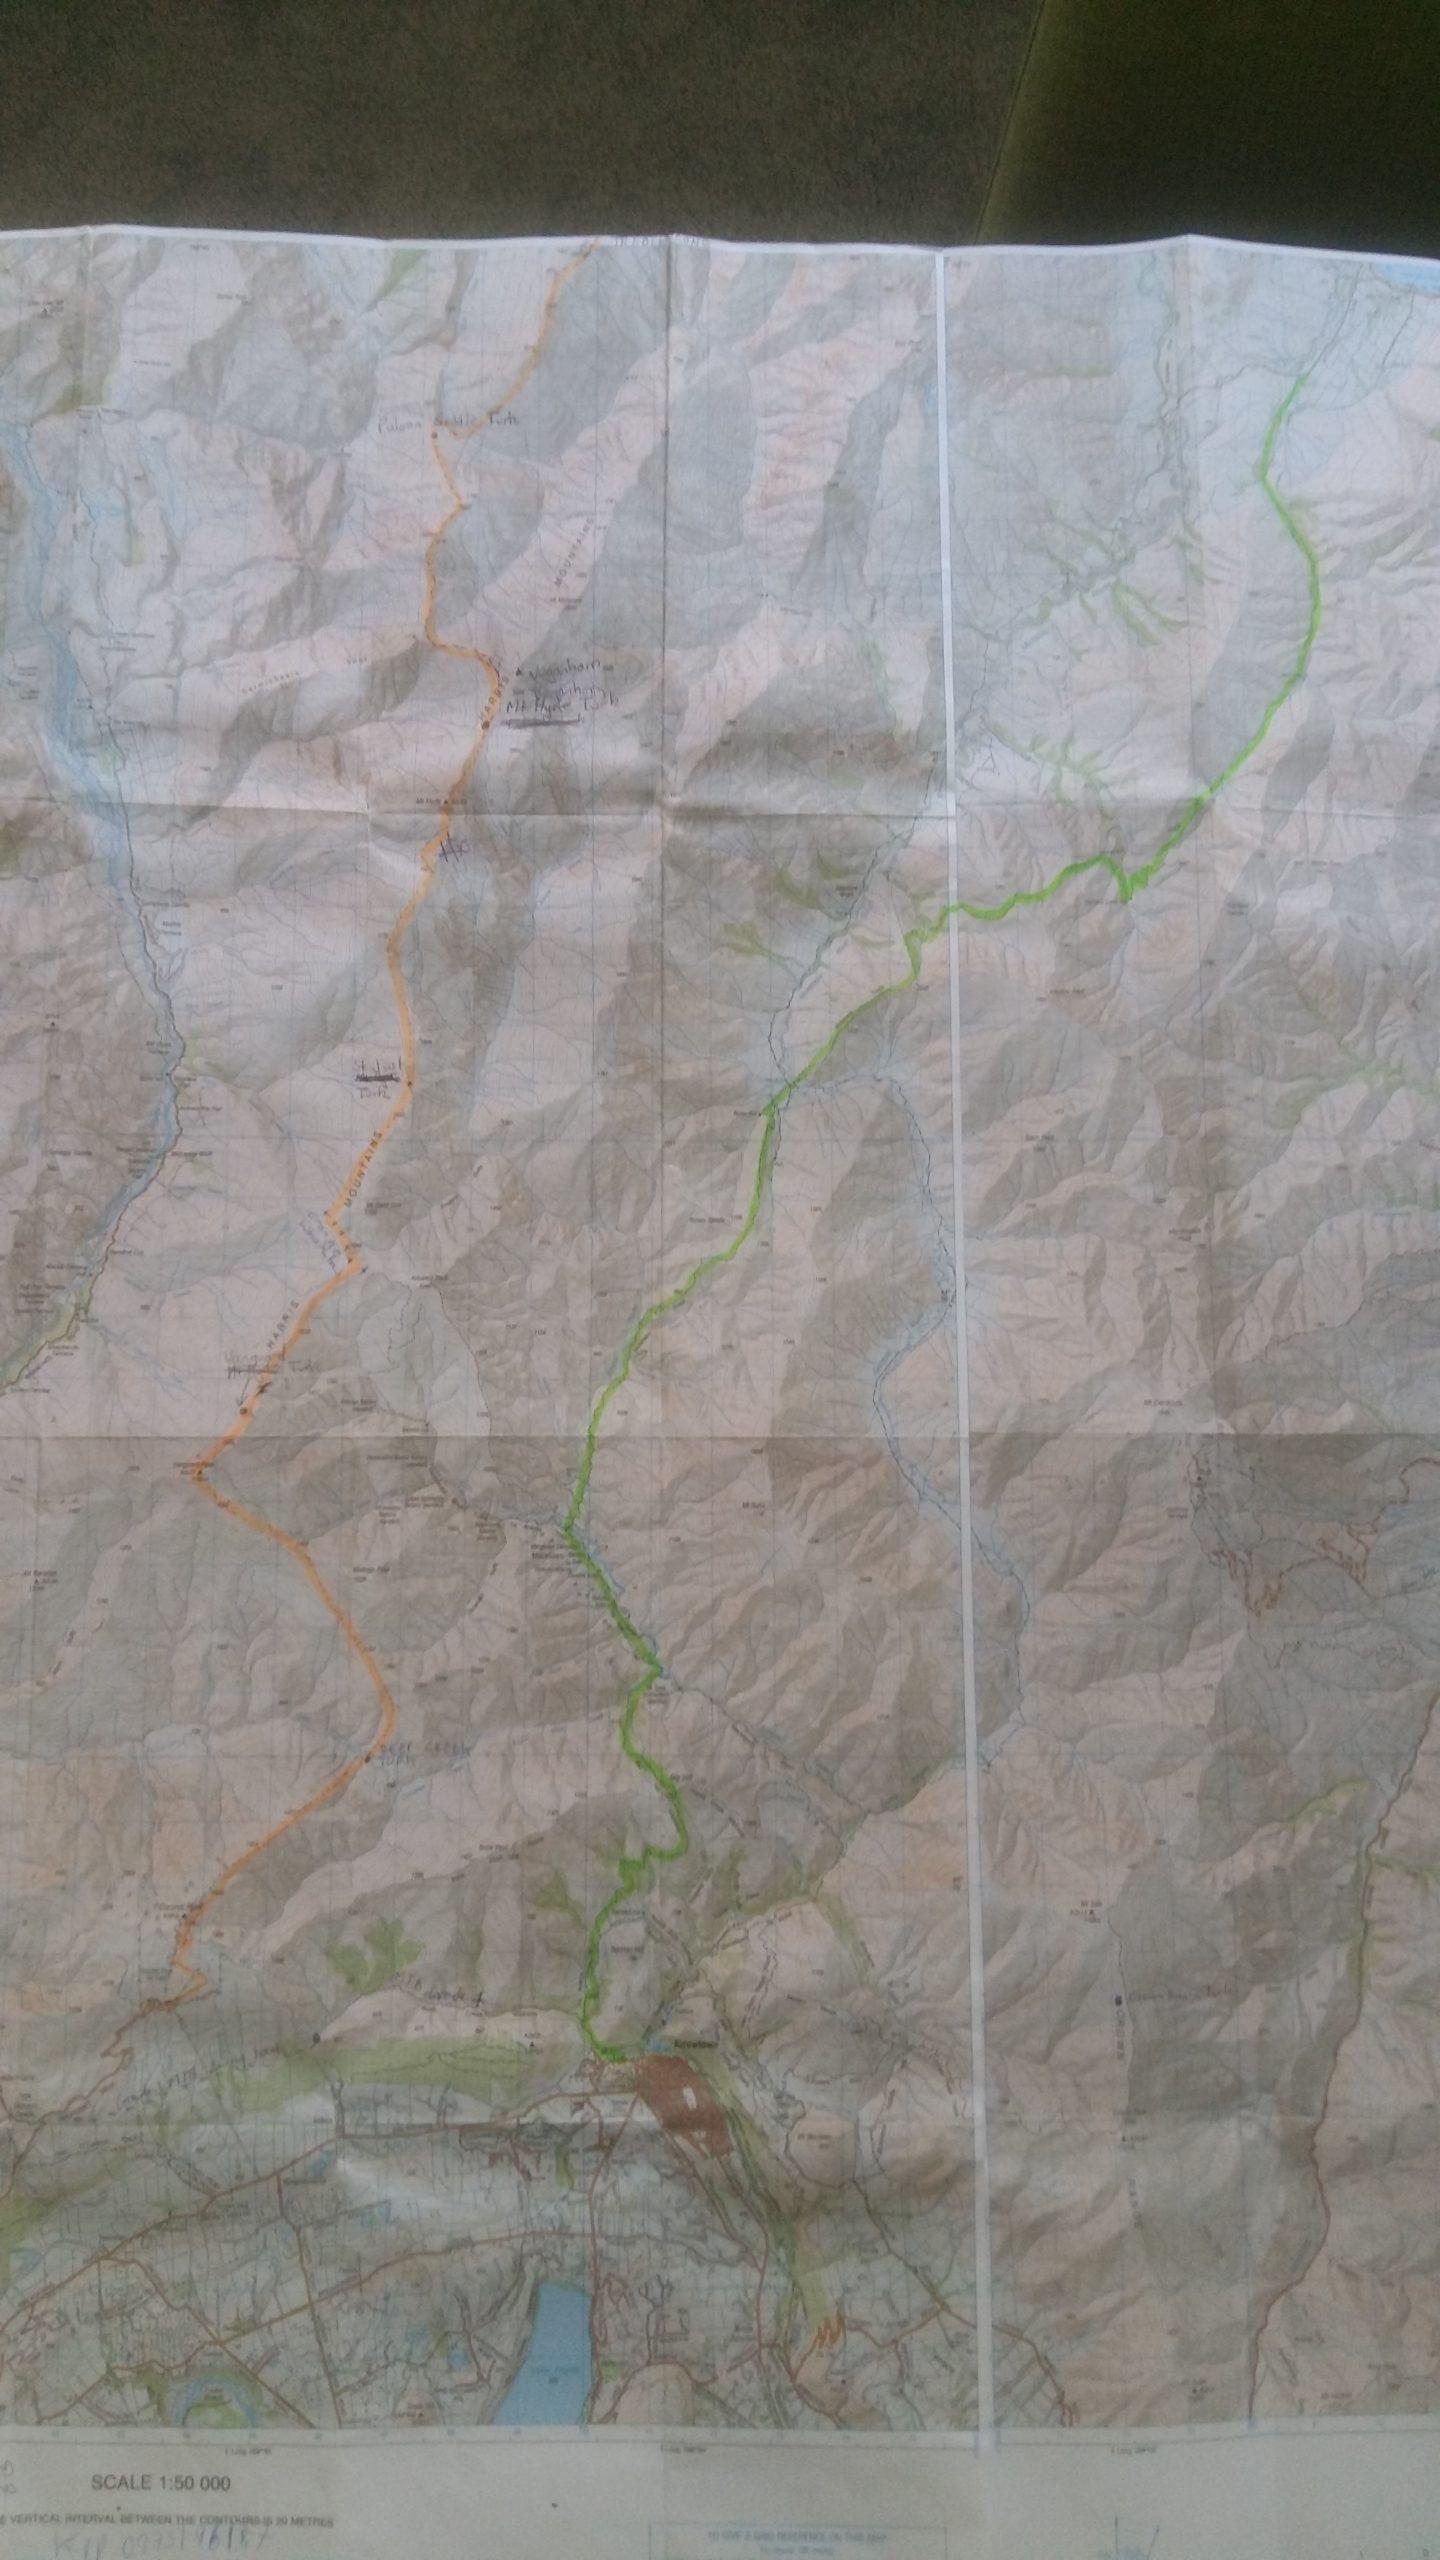 Turk Traverse map